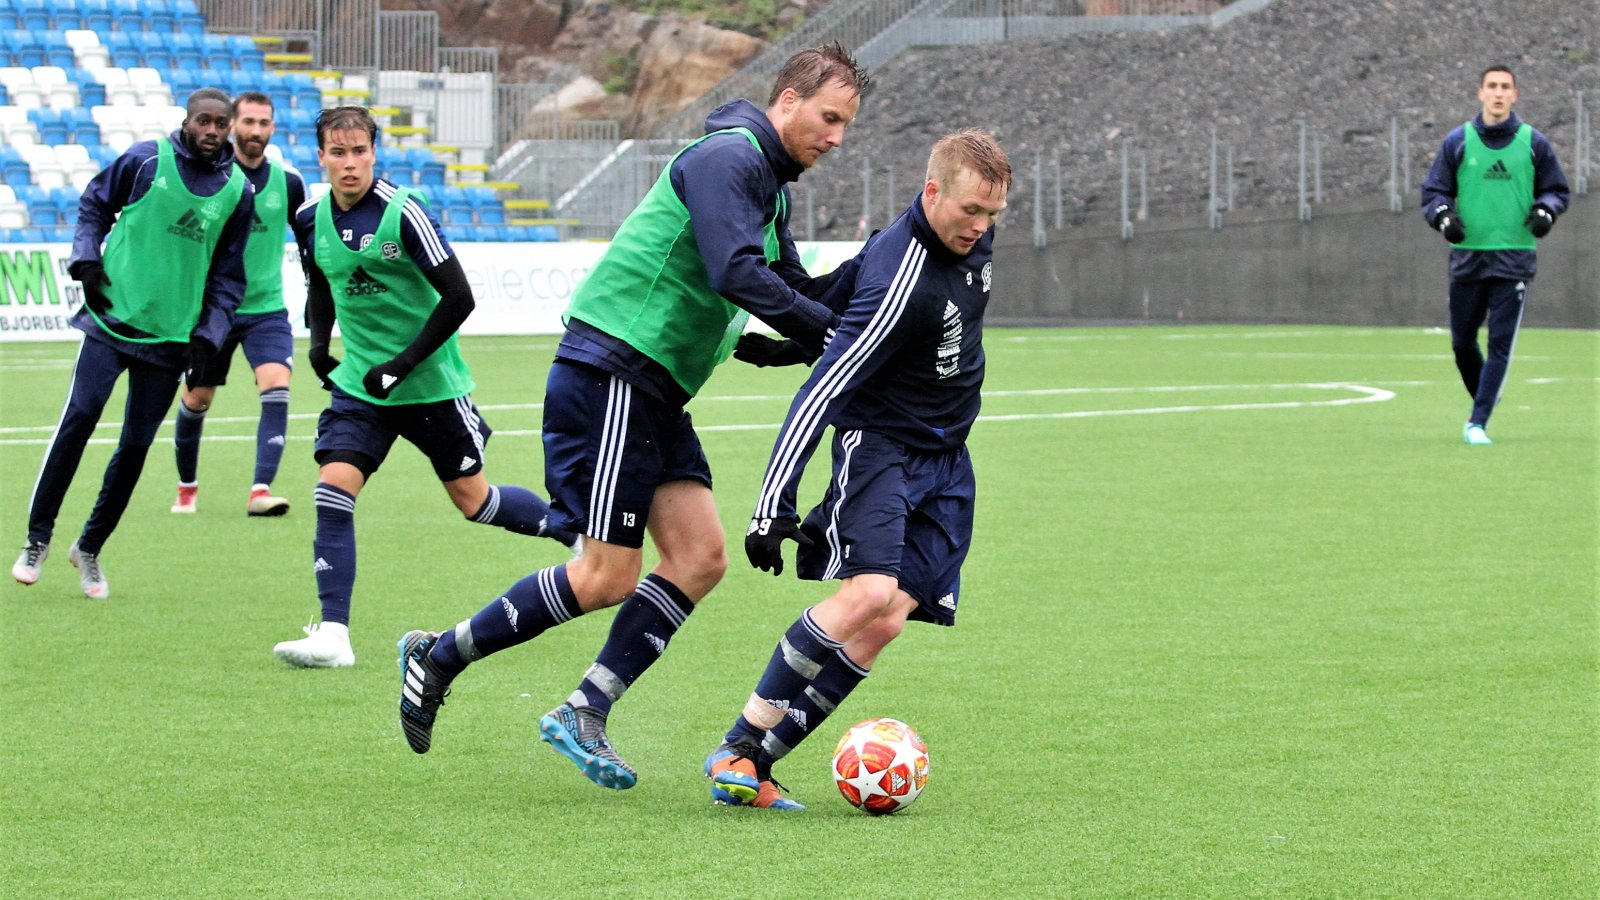 Fabian Stensrud Ness i duell med Sune Kiilreich på trening.